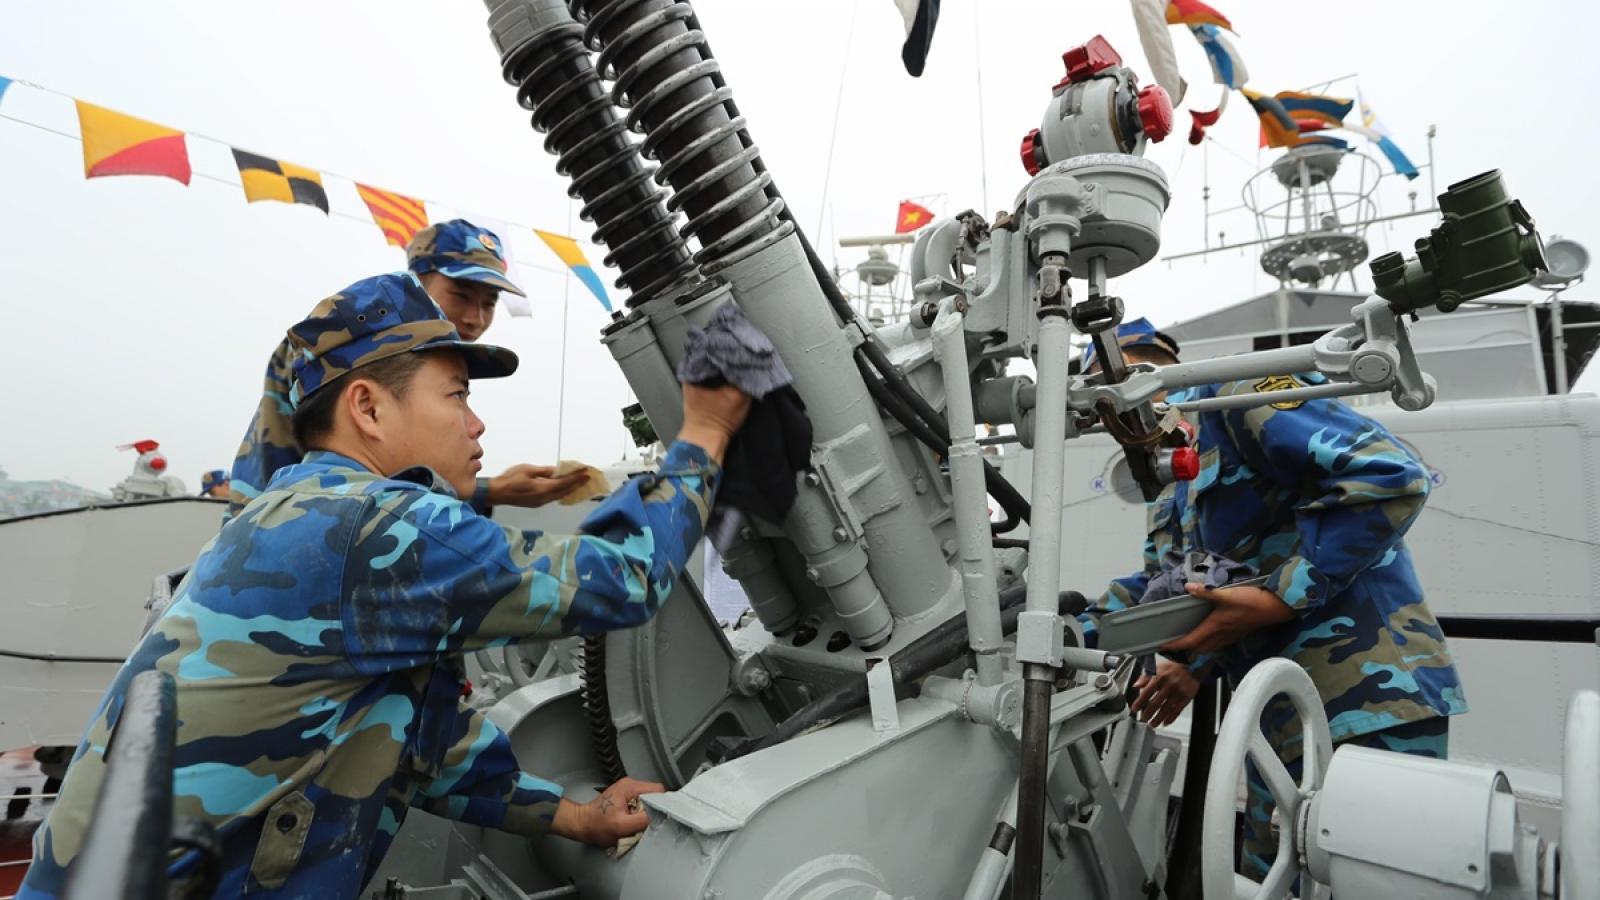 Chiến sĩ vùng 1 Hải quân: Sẵn sàng bảo vệ chủ quyền biển đảo